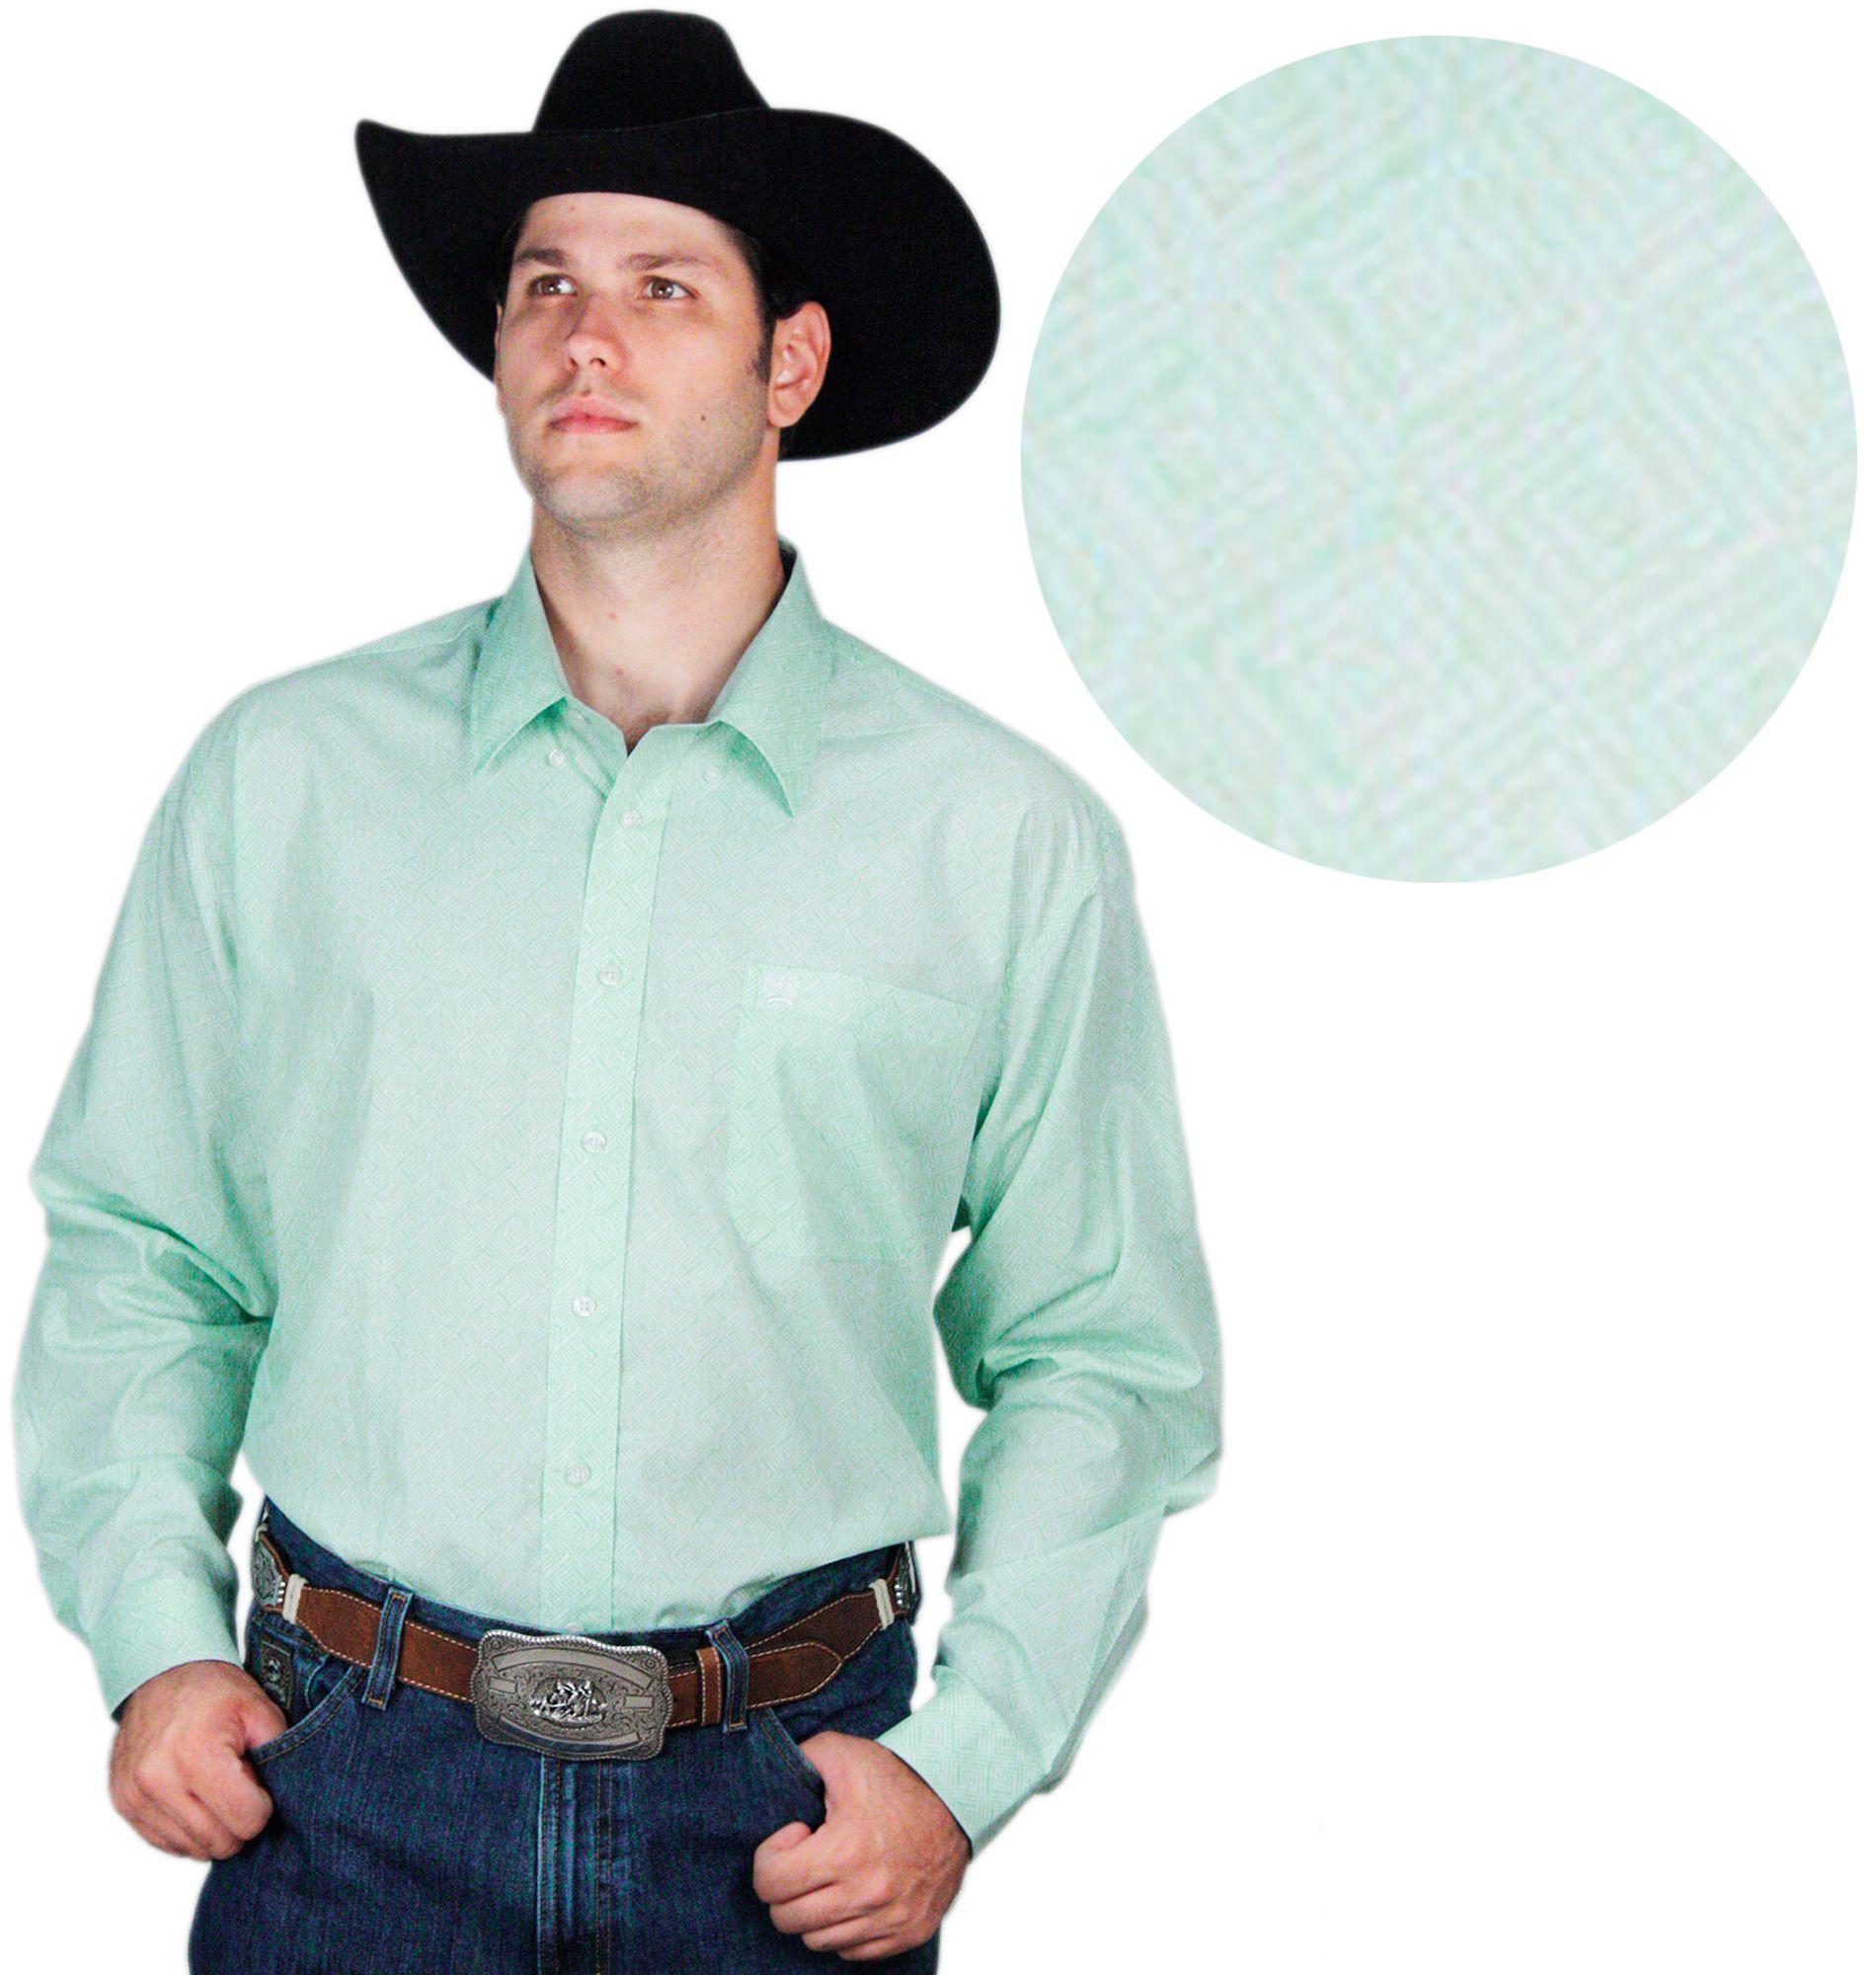 2083131c9842c camisa masculina Manga Longa Verde Claro Cinch camisa masculina manga longa  na cor verde água, bolso frontal e tecido 100% algodão.